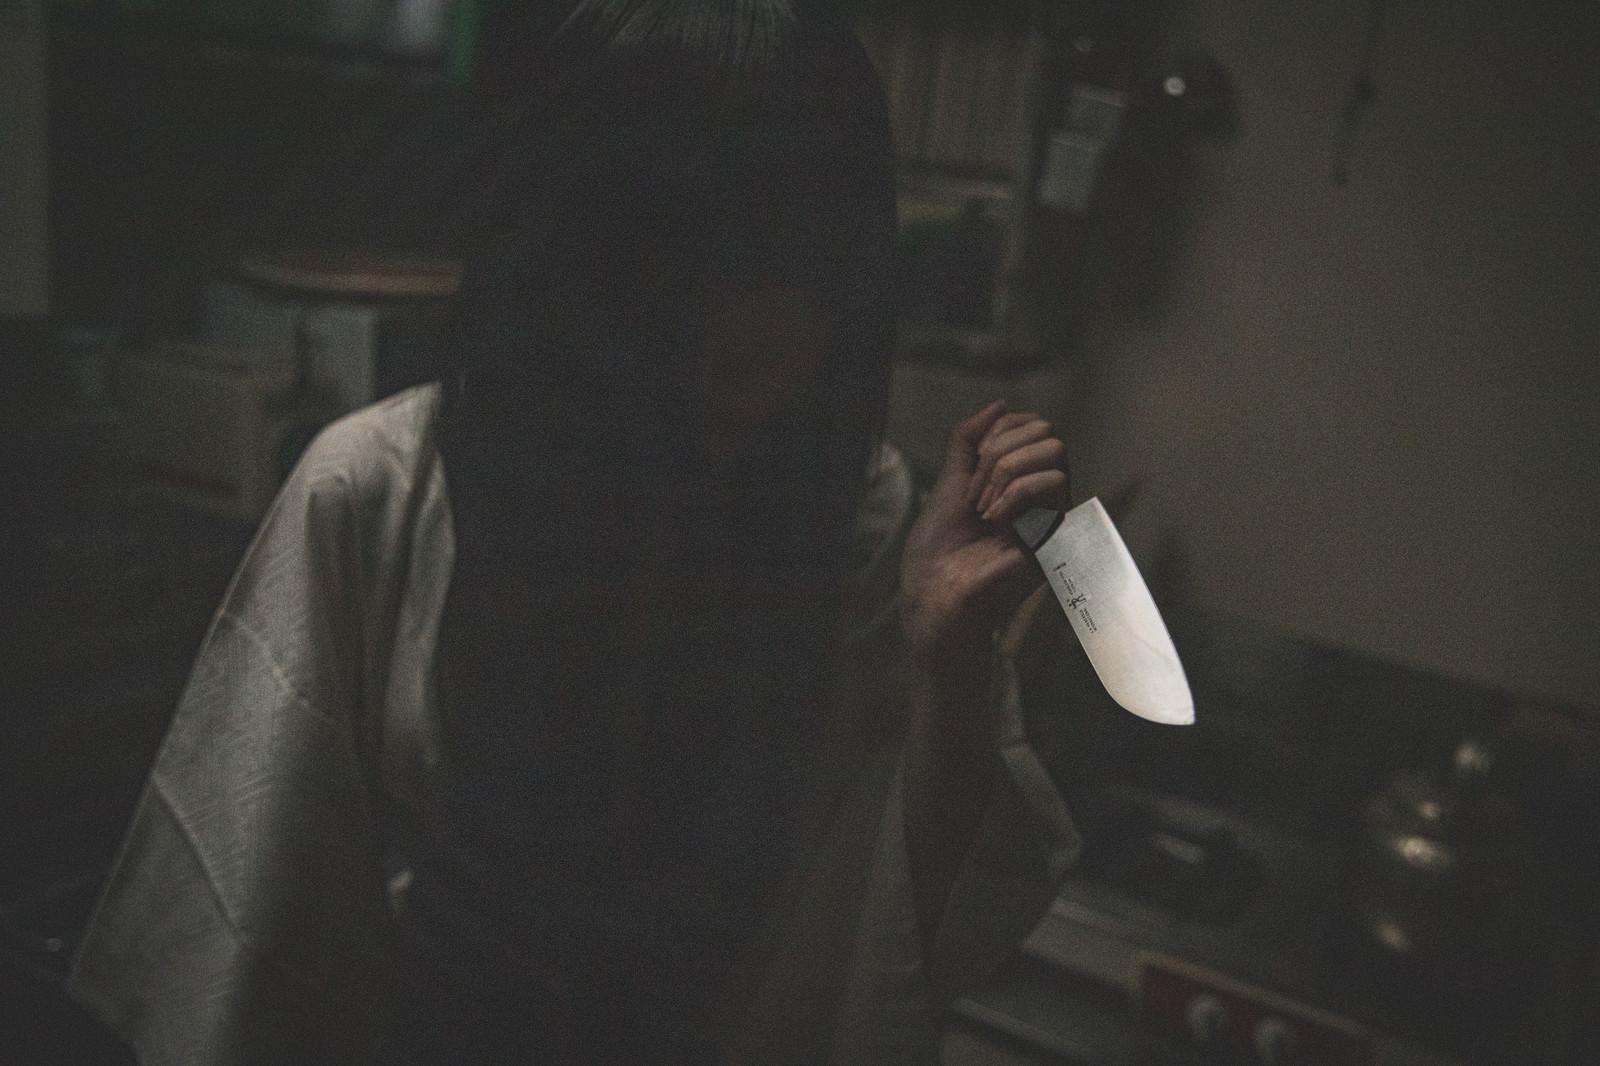 暗がりで包丁を持つ黒髪の女性 無料の写真素材はフリー素材のぱくたそ